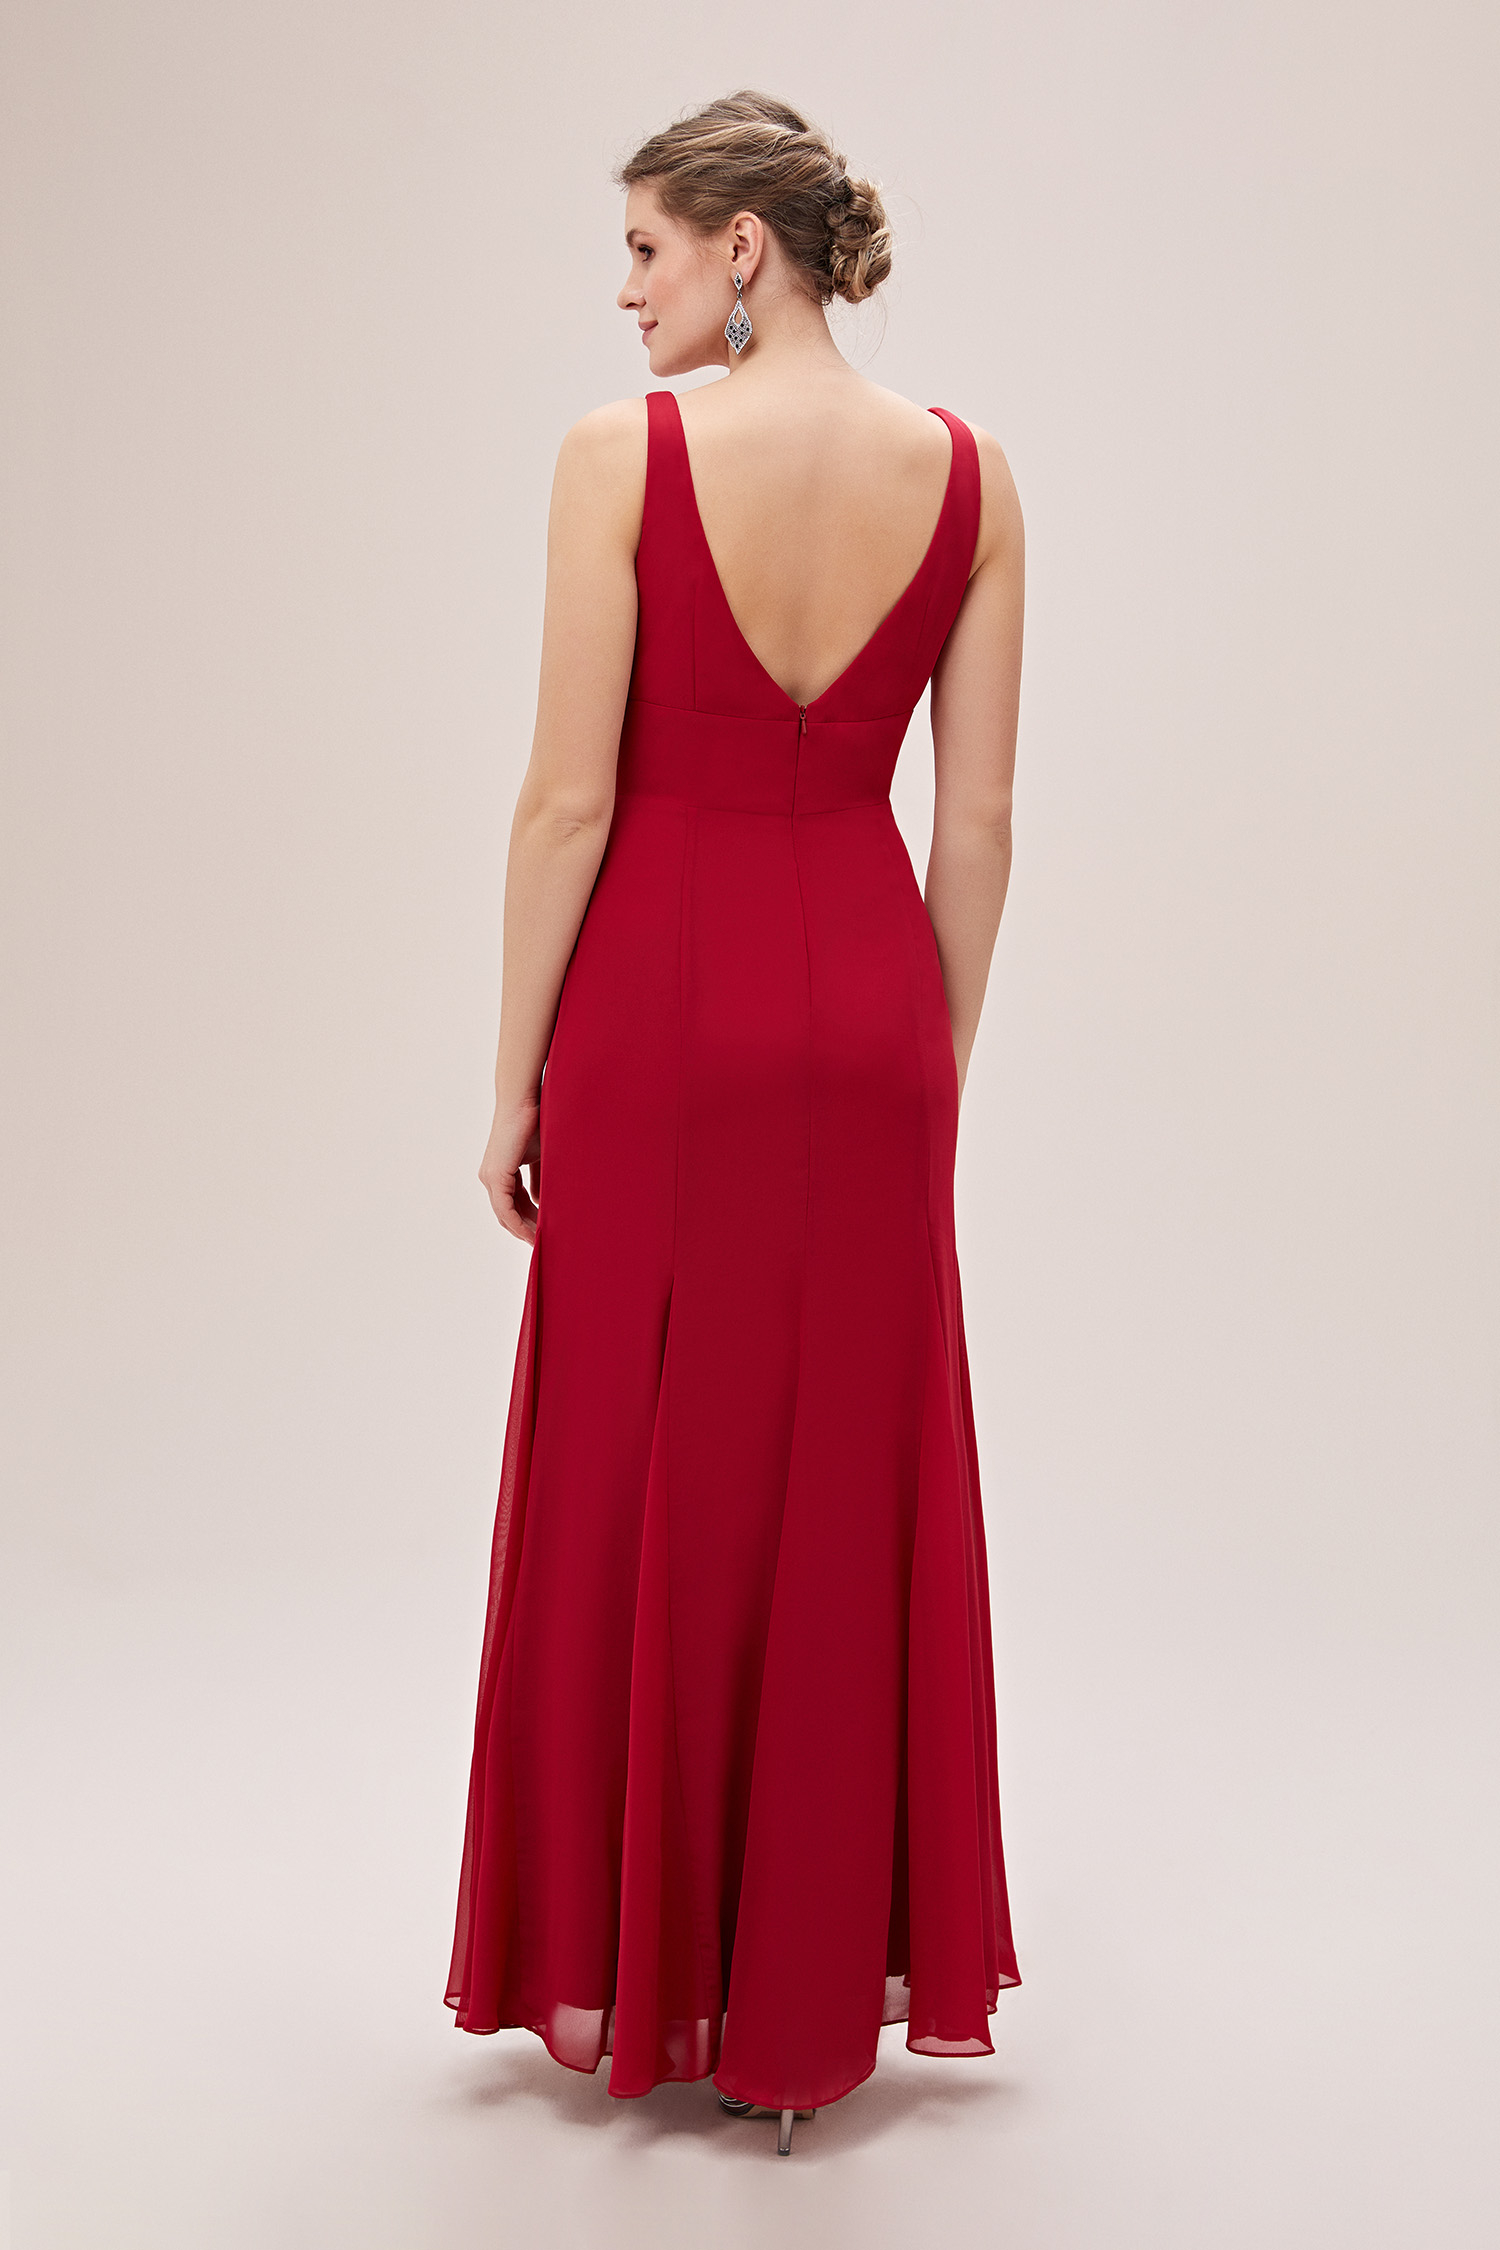 Kırmızı Askılı Pile Detaylı Şifon Uzun Büyük Beden Abiye Elbise - Thumbnail